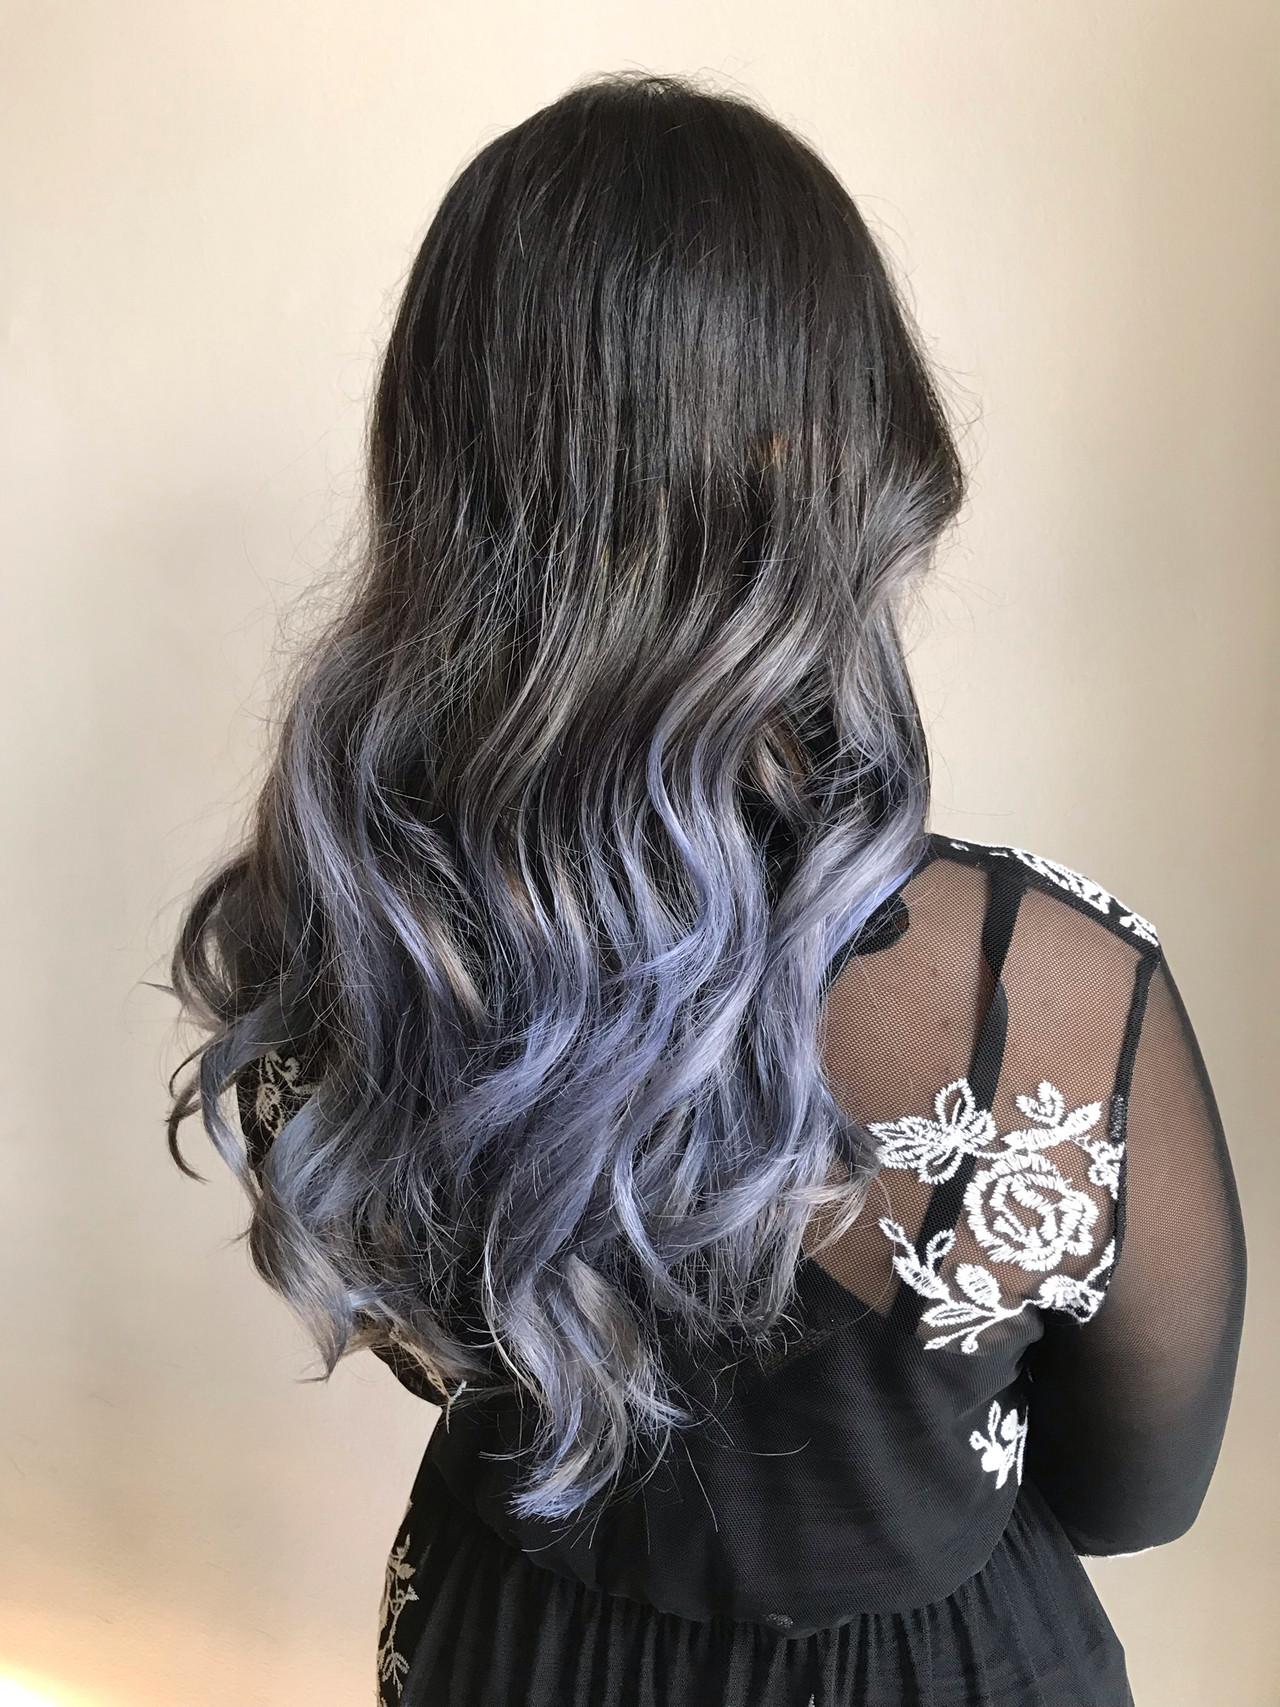 個性的 コントラストハイライト ロング 派手髪 ヘアスタイルや髪型の写真・画像